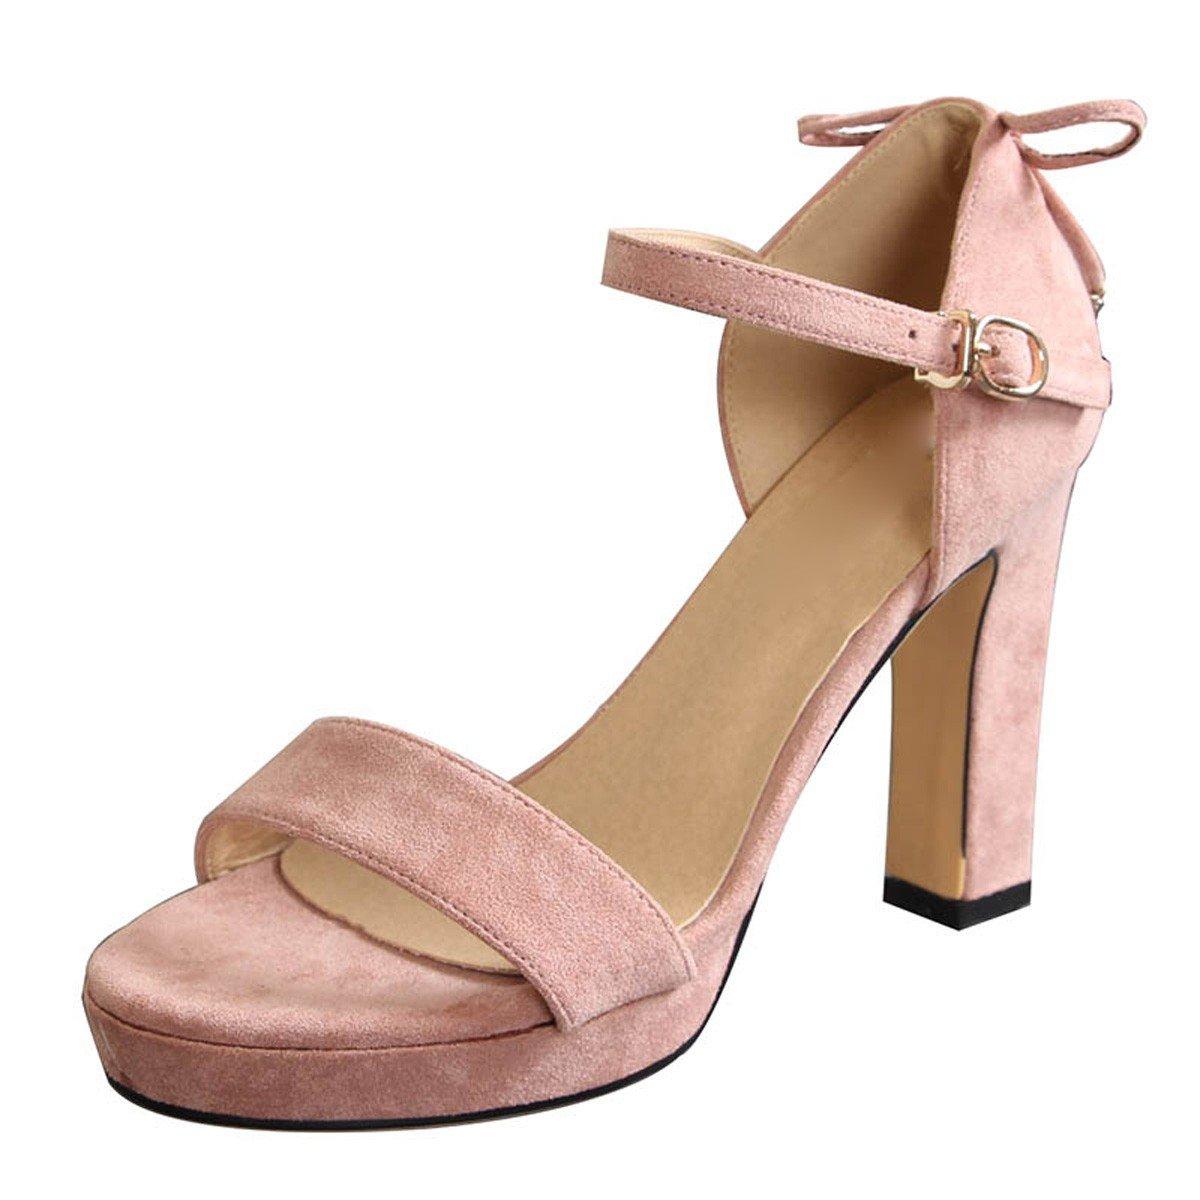 Rose GTVERNH Chaussures Femme Mode Tables DE 10 Cm De Talon Pointe étanches des Chaussures De Femmes Summer Sexy Arc Boucles Dur Simples Sandales. Thirty-seven